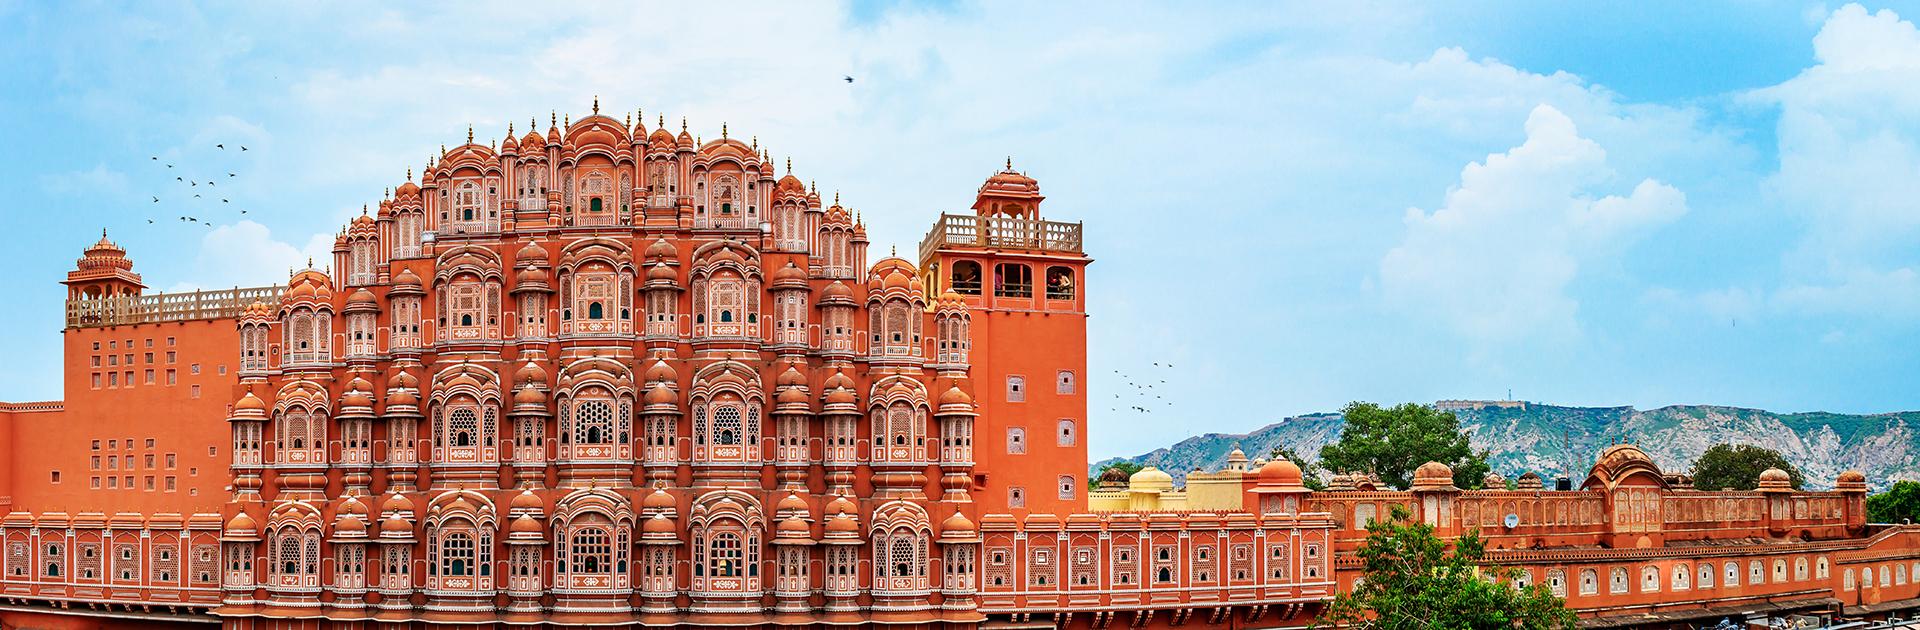 El palacio de Jaipur, que incluye a los palacios Chandra Mahal y Mubarak Mahal junto con otras construcciones, es un complejo palaciego en Jaipur, la capital del estado de Rajasthan, India